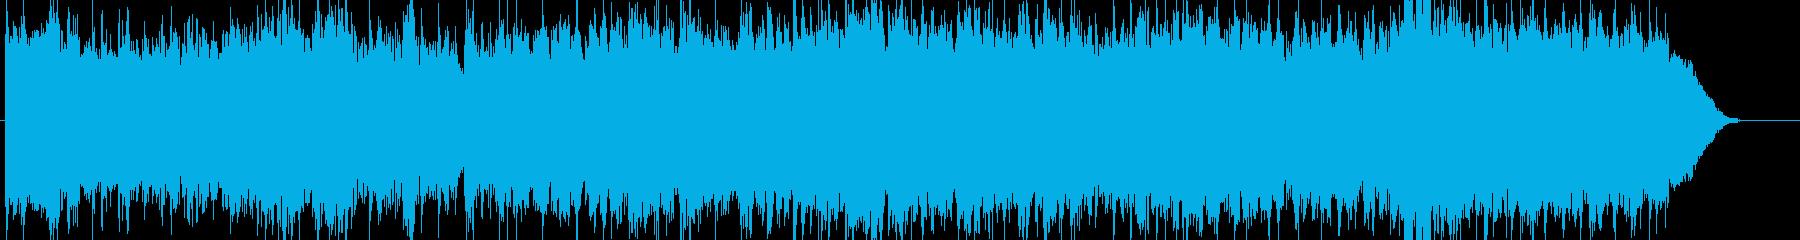 エンディング風の哀愁感あるエレクトロニカの再生済みの波形